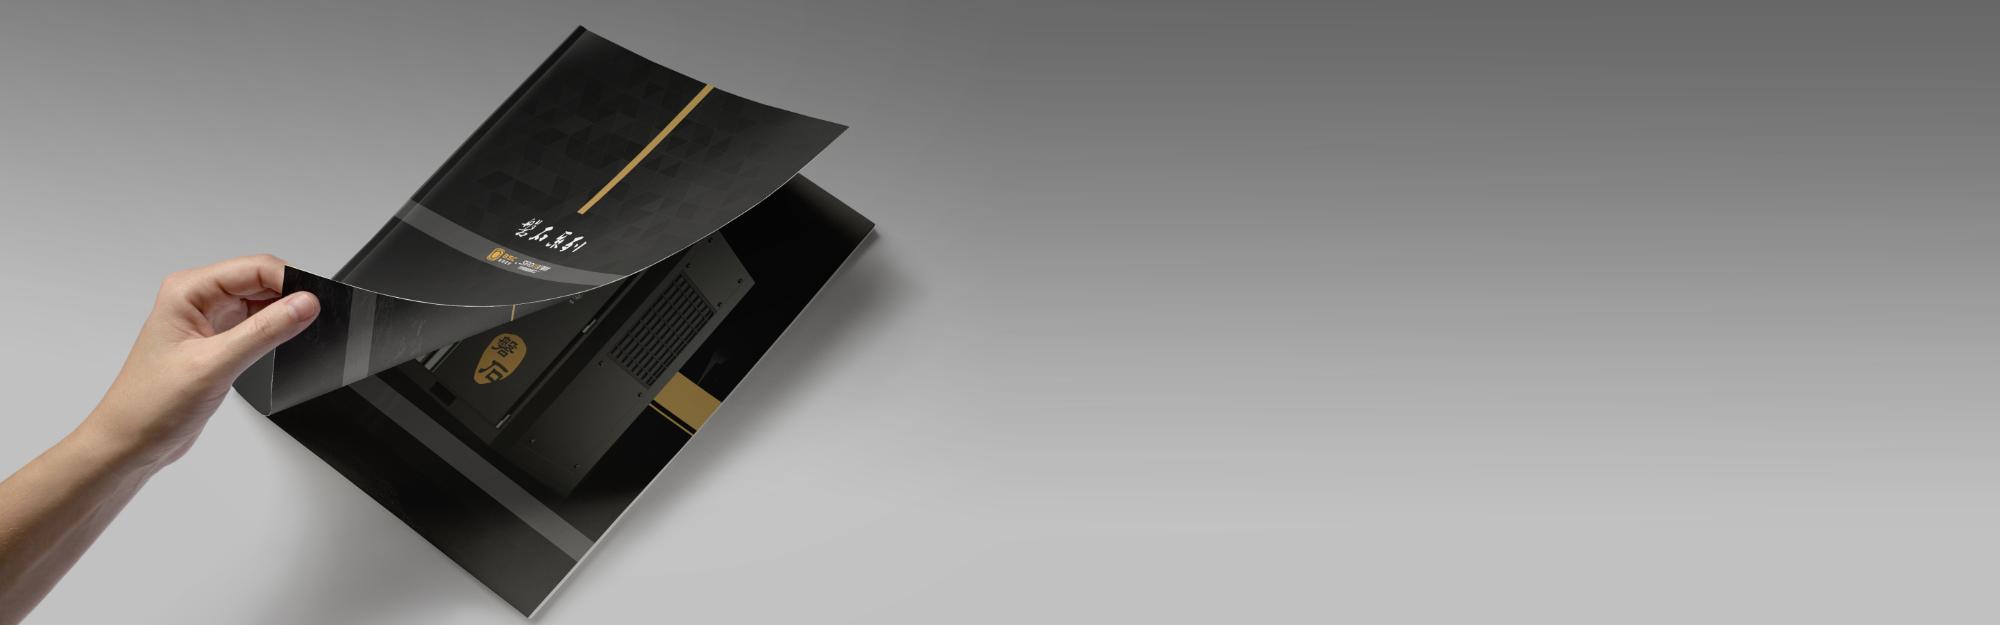 产品画册设计 文创类设计 广告设计 平面设计